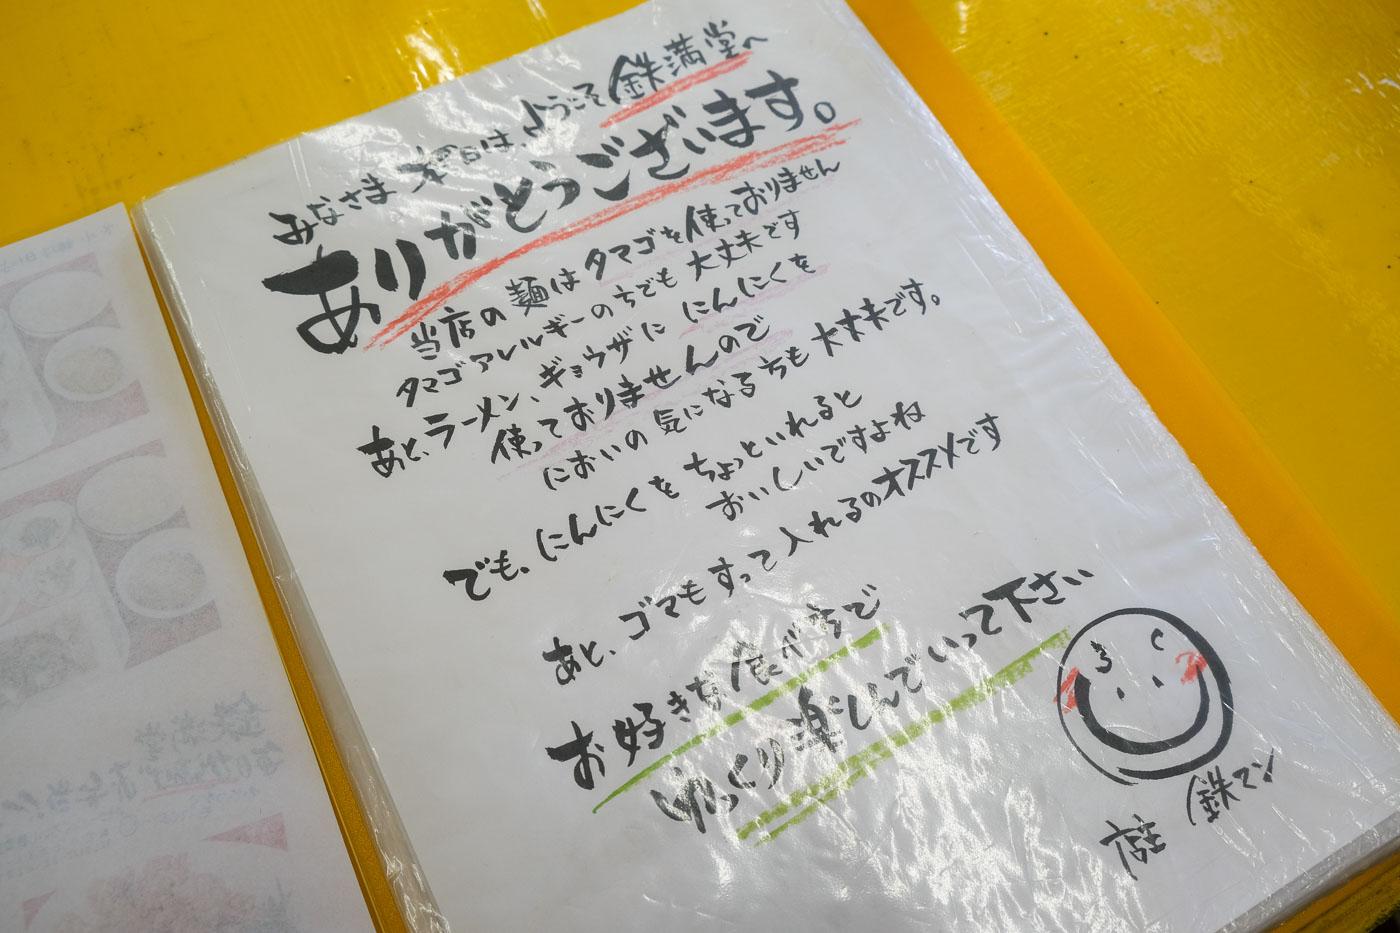 鉄満堂-03